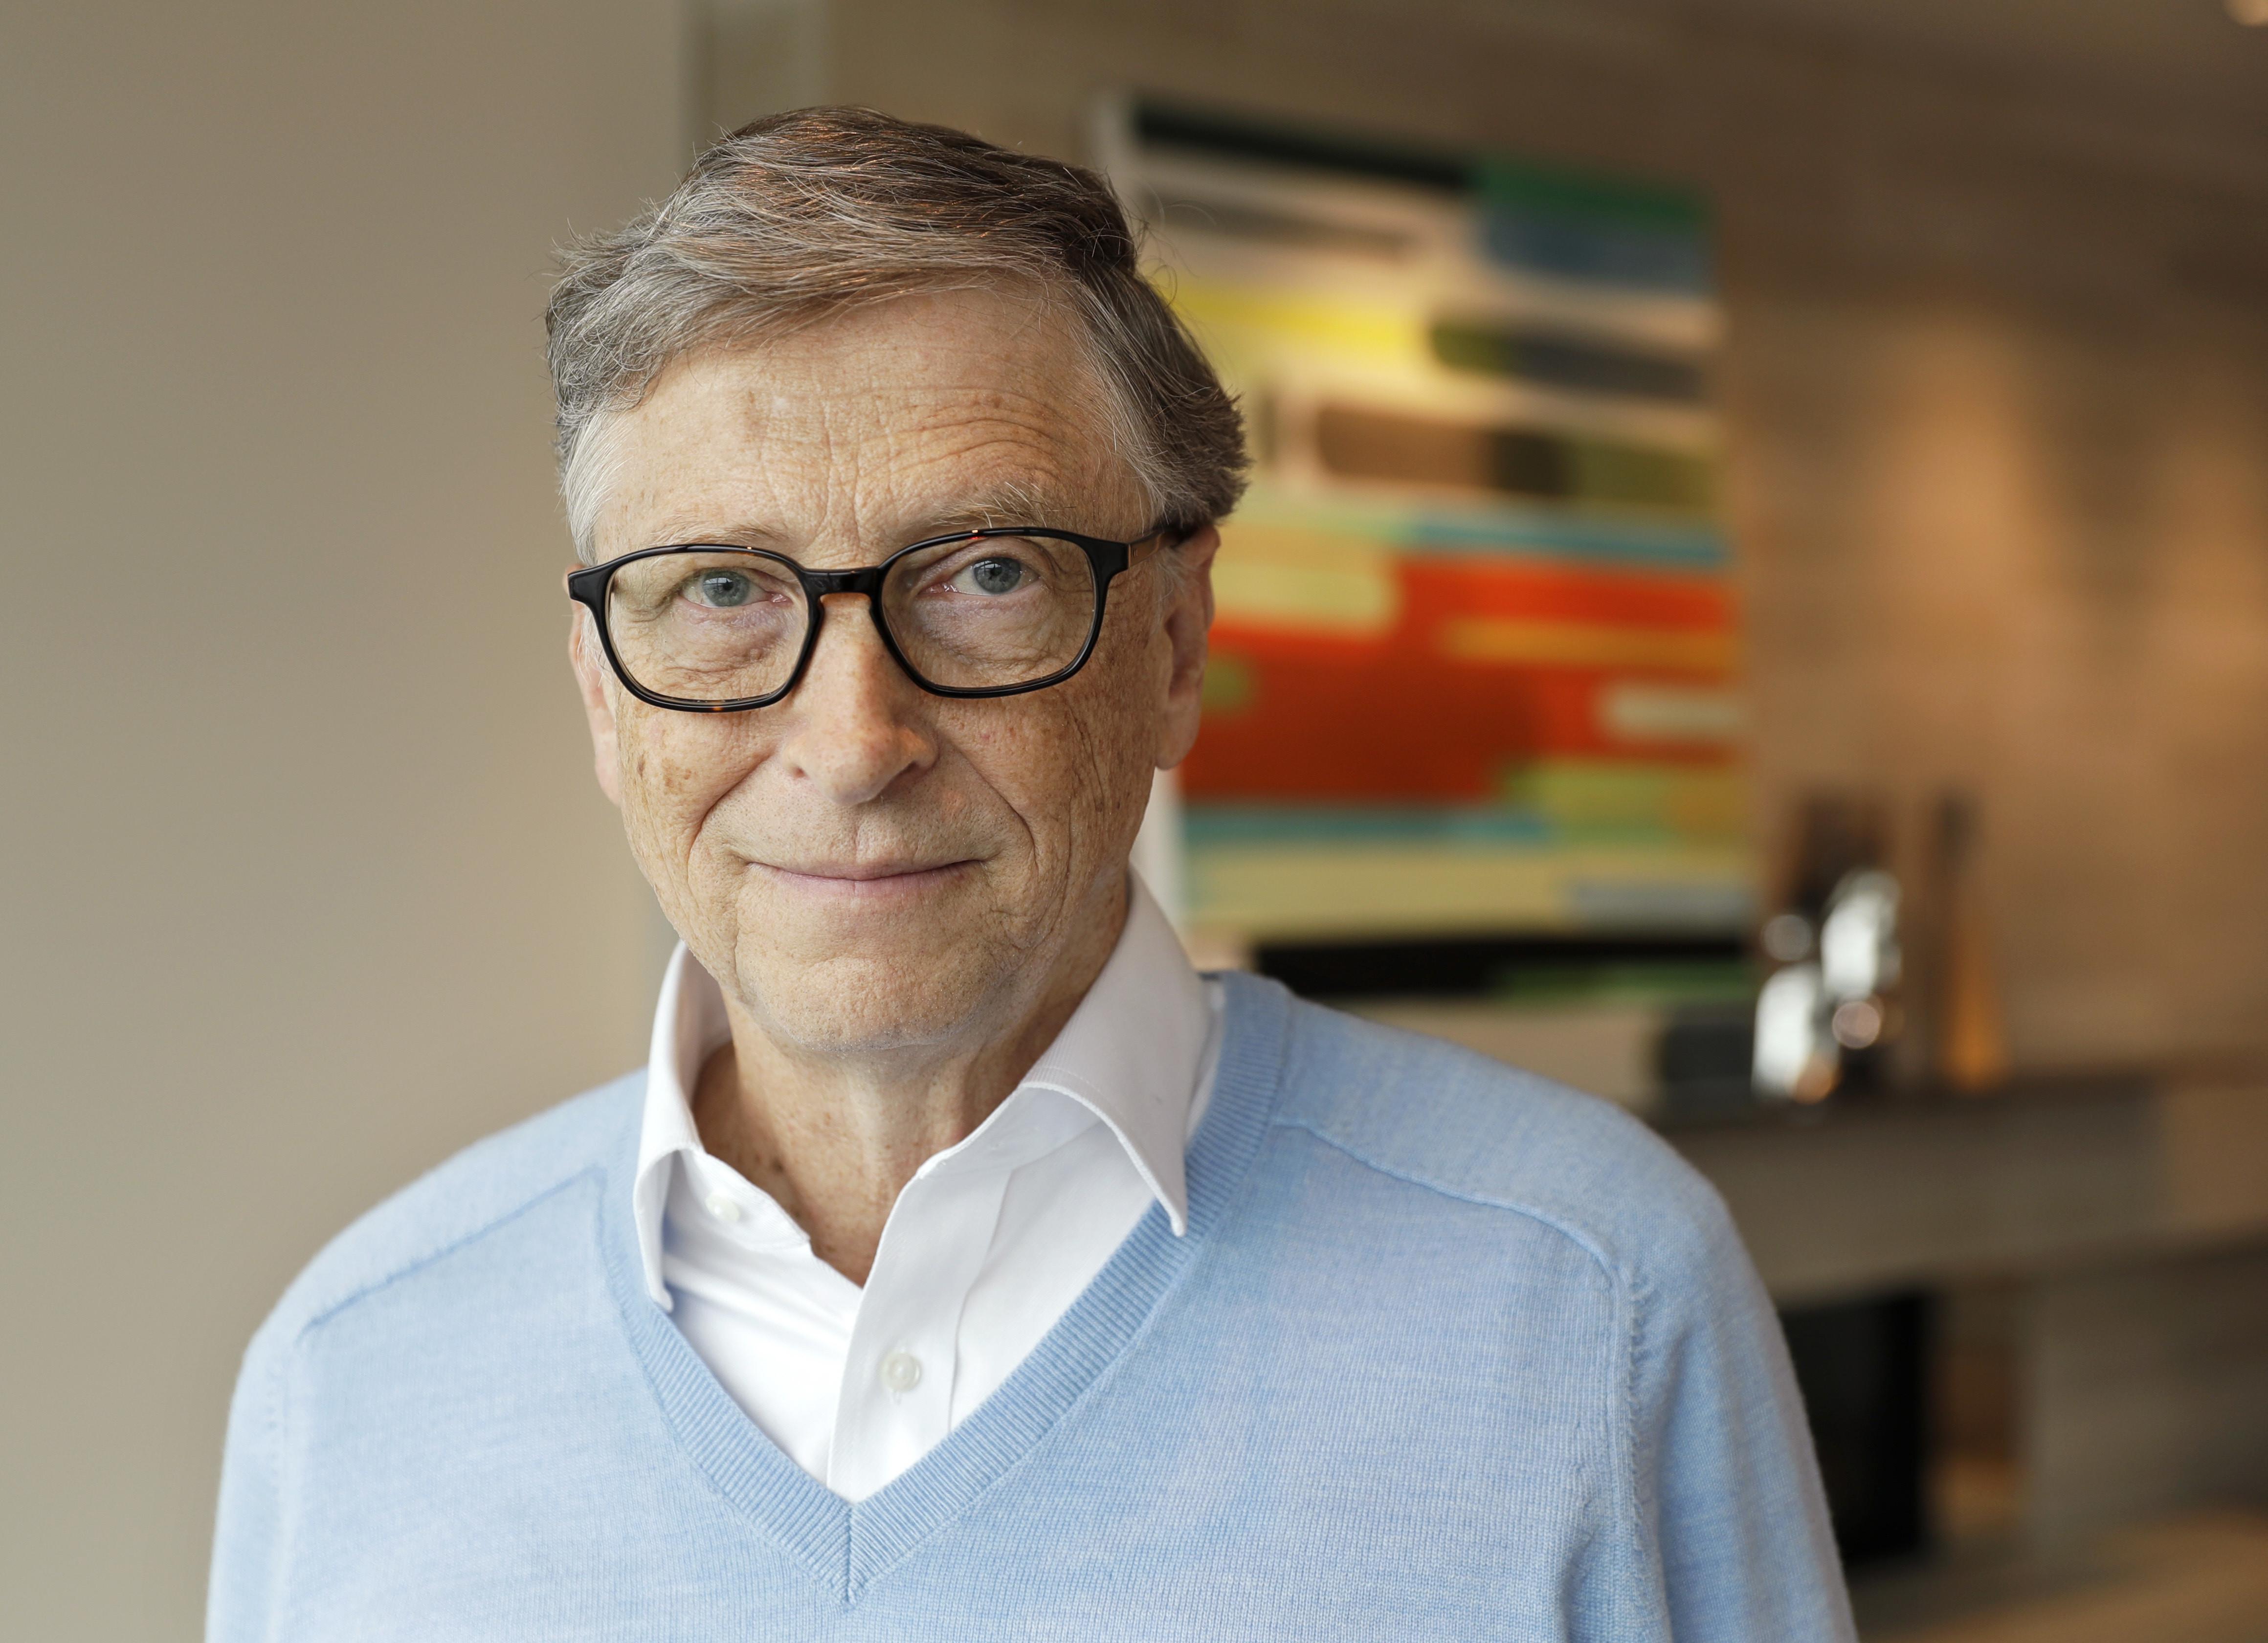 ▲▼ 微軟創辦人比爾蓋茲(Bill Gates)。(圖/達志影像/美聯社)